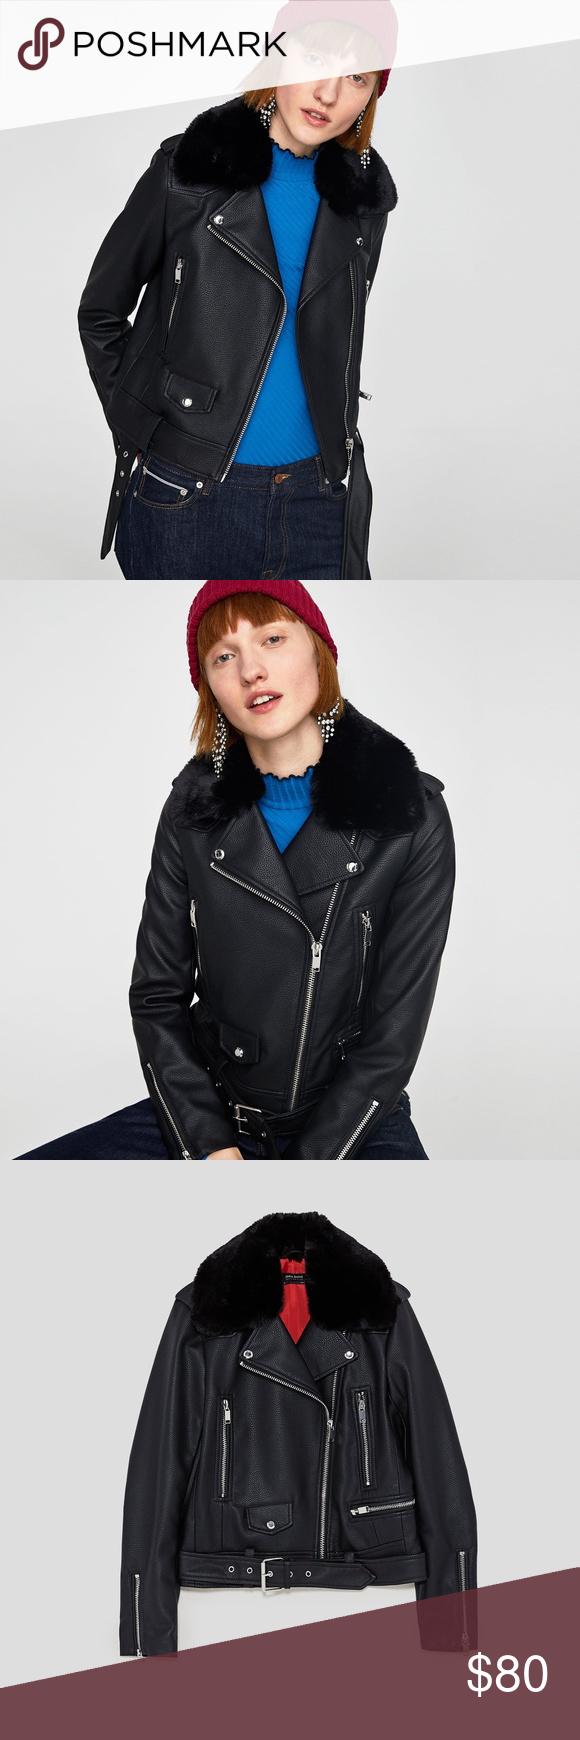 ZARA FAUX LEATHER BIKER JACKET Faux leather biker jacket